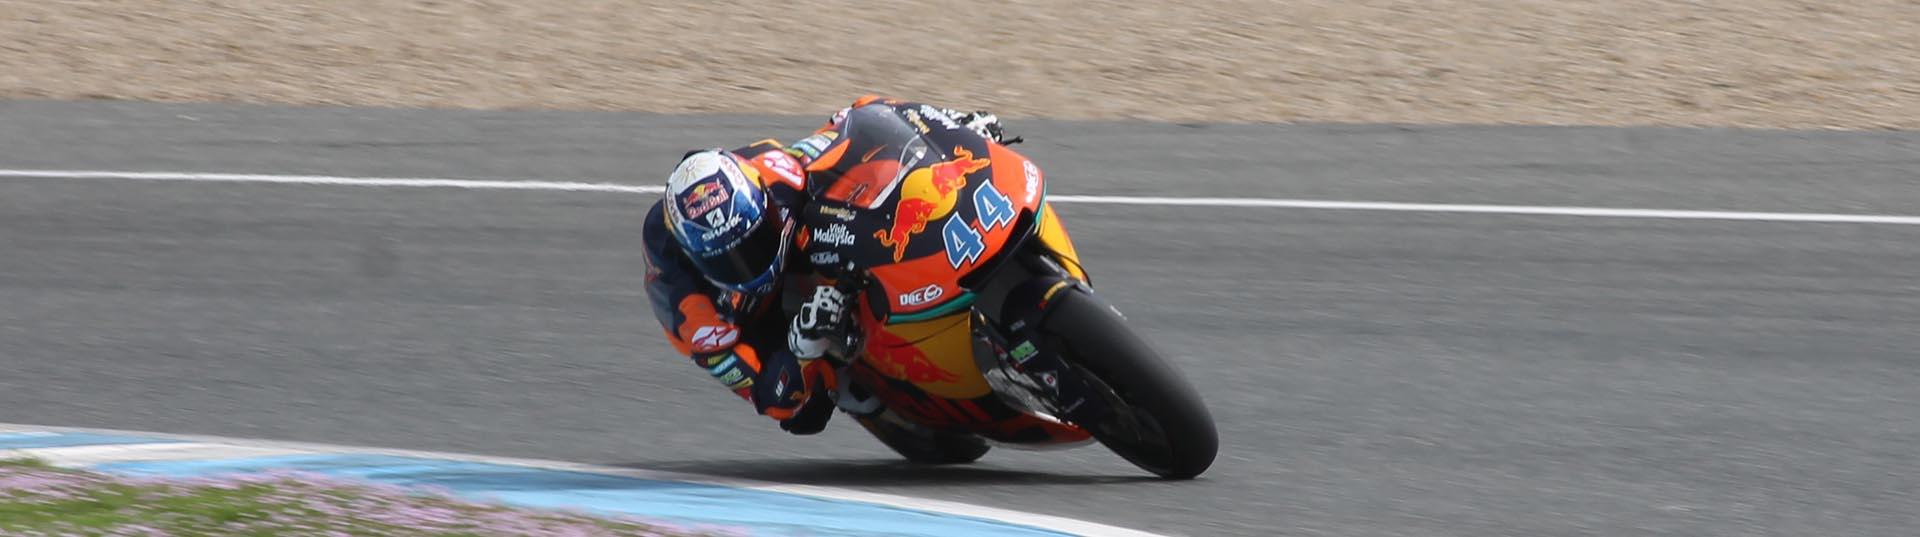 Miguel Oliveira mais rápido no primeiro dia de testes em Jerez de la Frontera